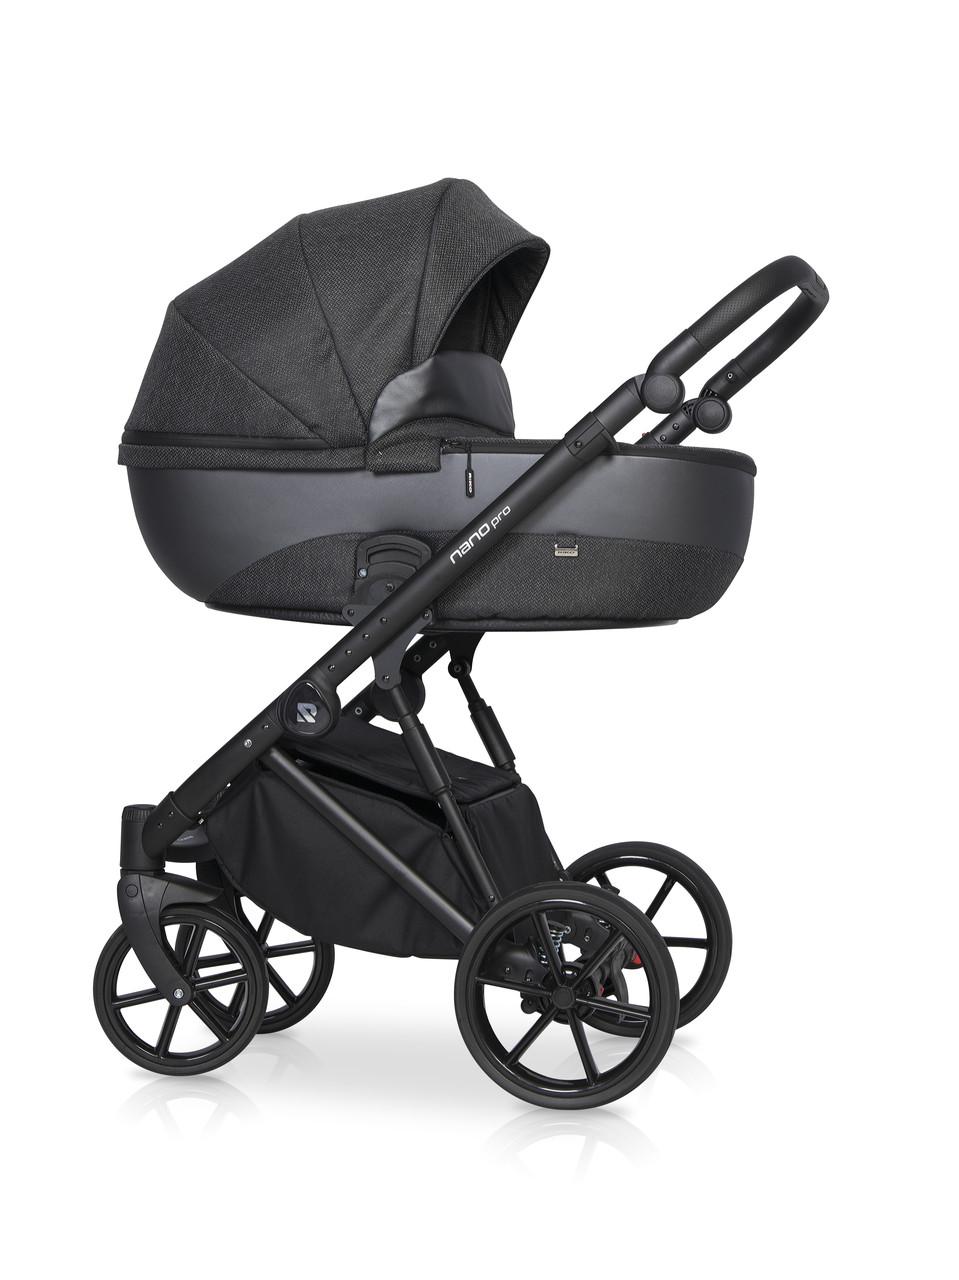 Дитяча універсальна коляска 2 в 1 Riko Nano Pro Carbon 06